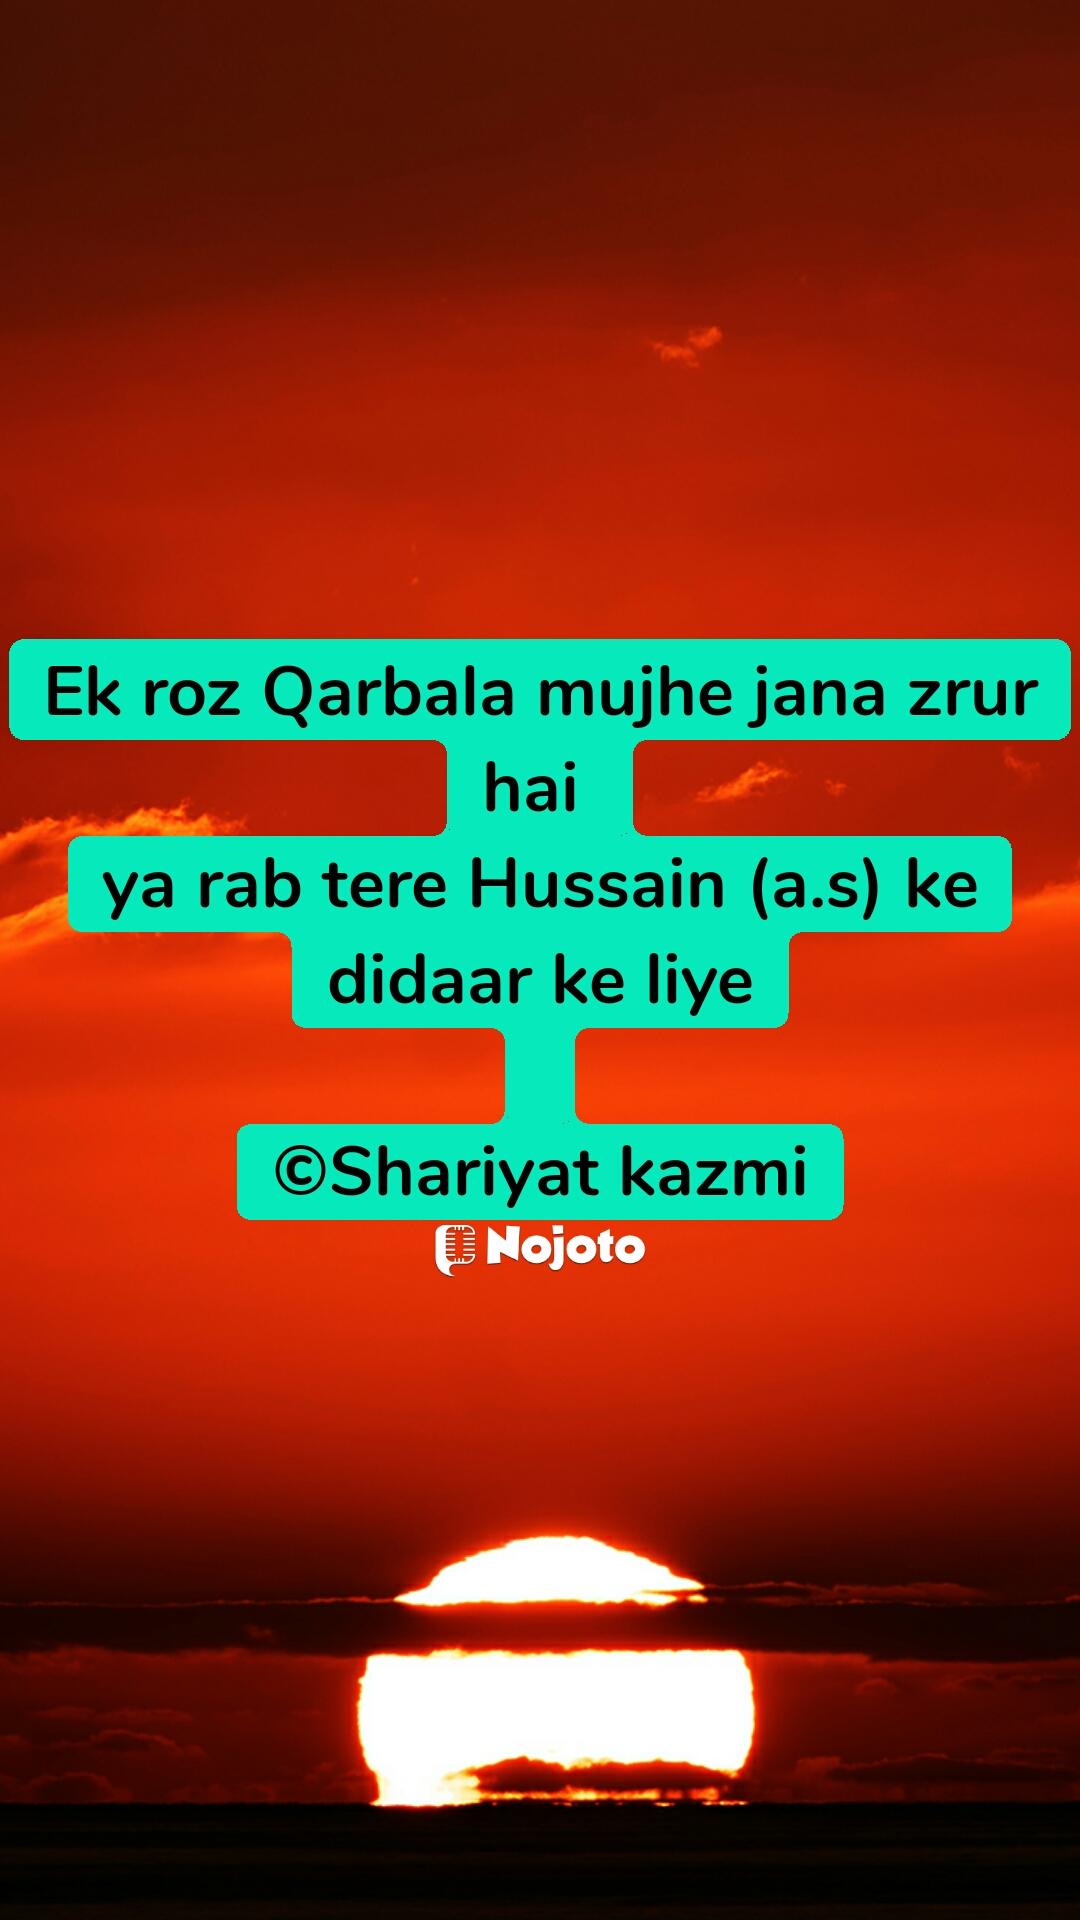 Ek roz Qarbala mujhe jana zrur hai  ya rab tere Hussain (a.s) ke didaar ke liye  ©Shariyat kazmi